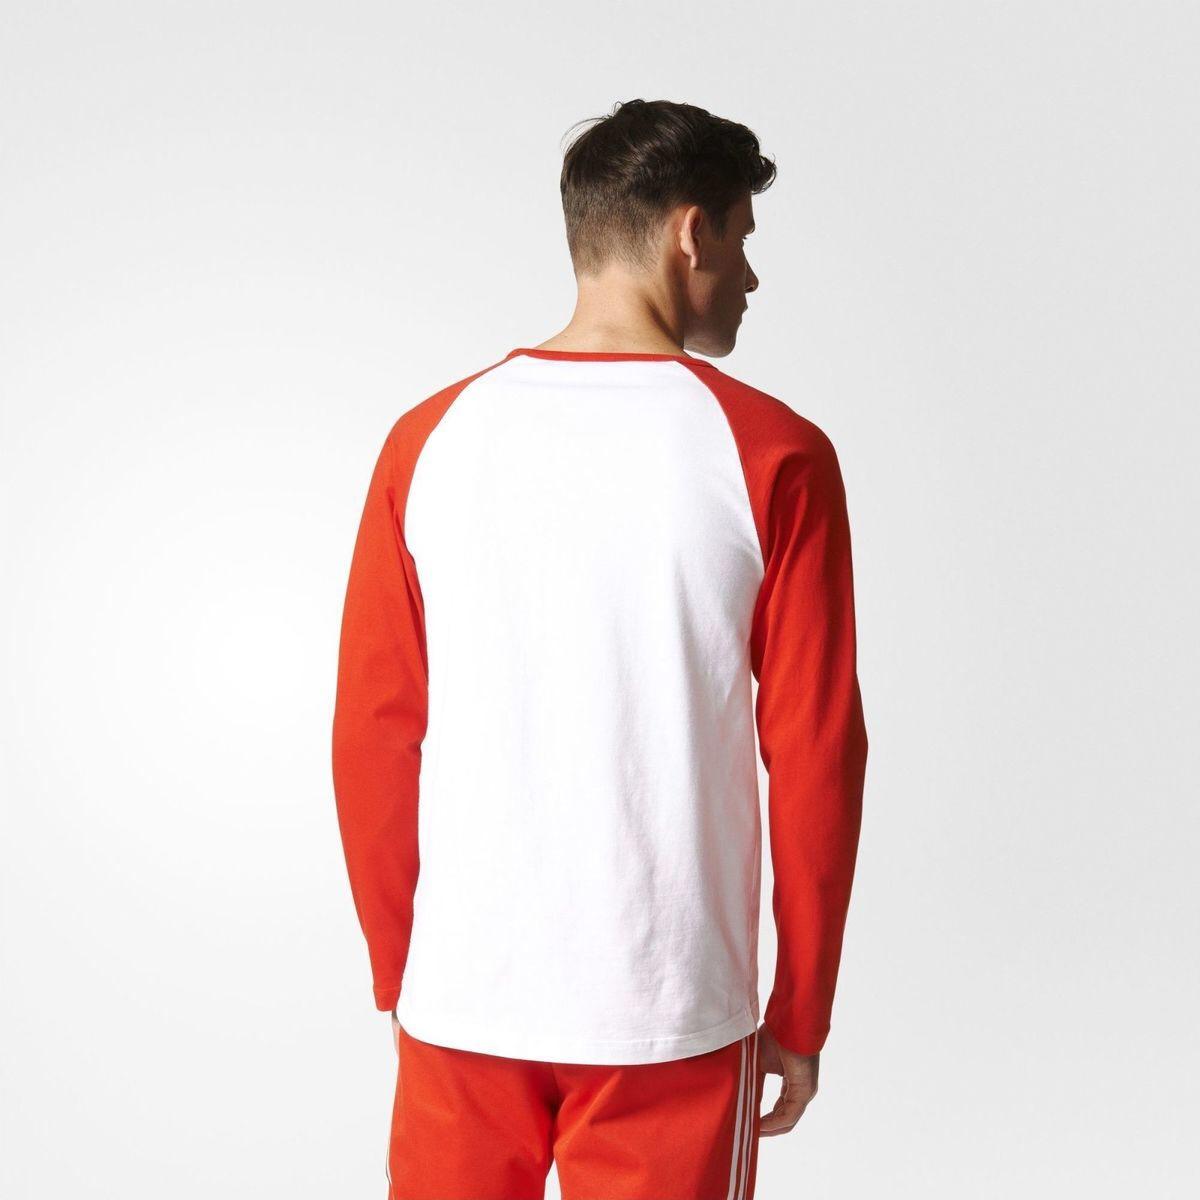 45c1e2948c1c8 Playera adidas Originals Bk7623 Hombre Dancing Originals. -   550.00 ...